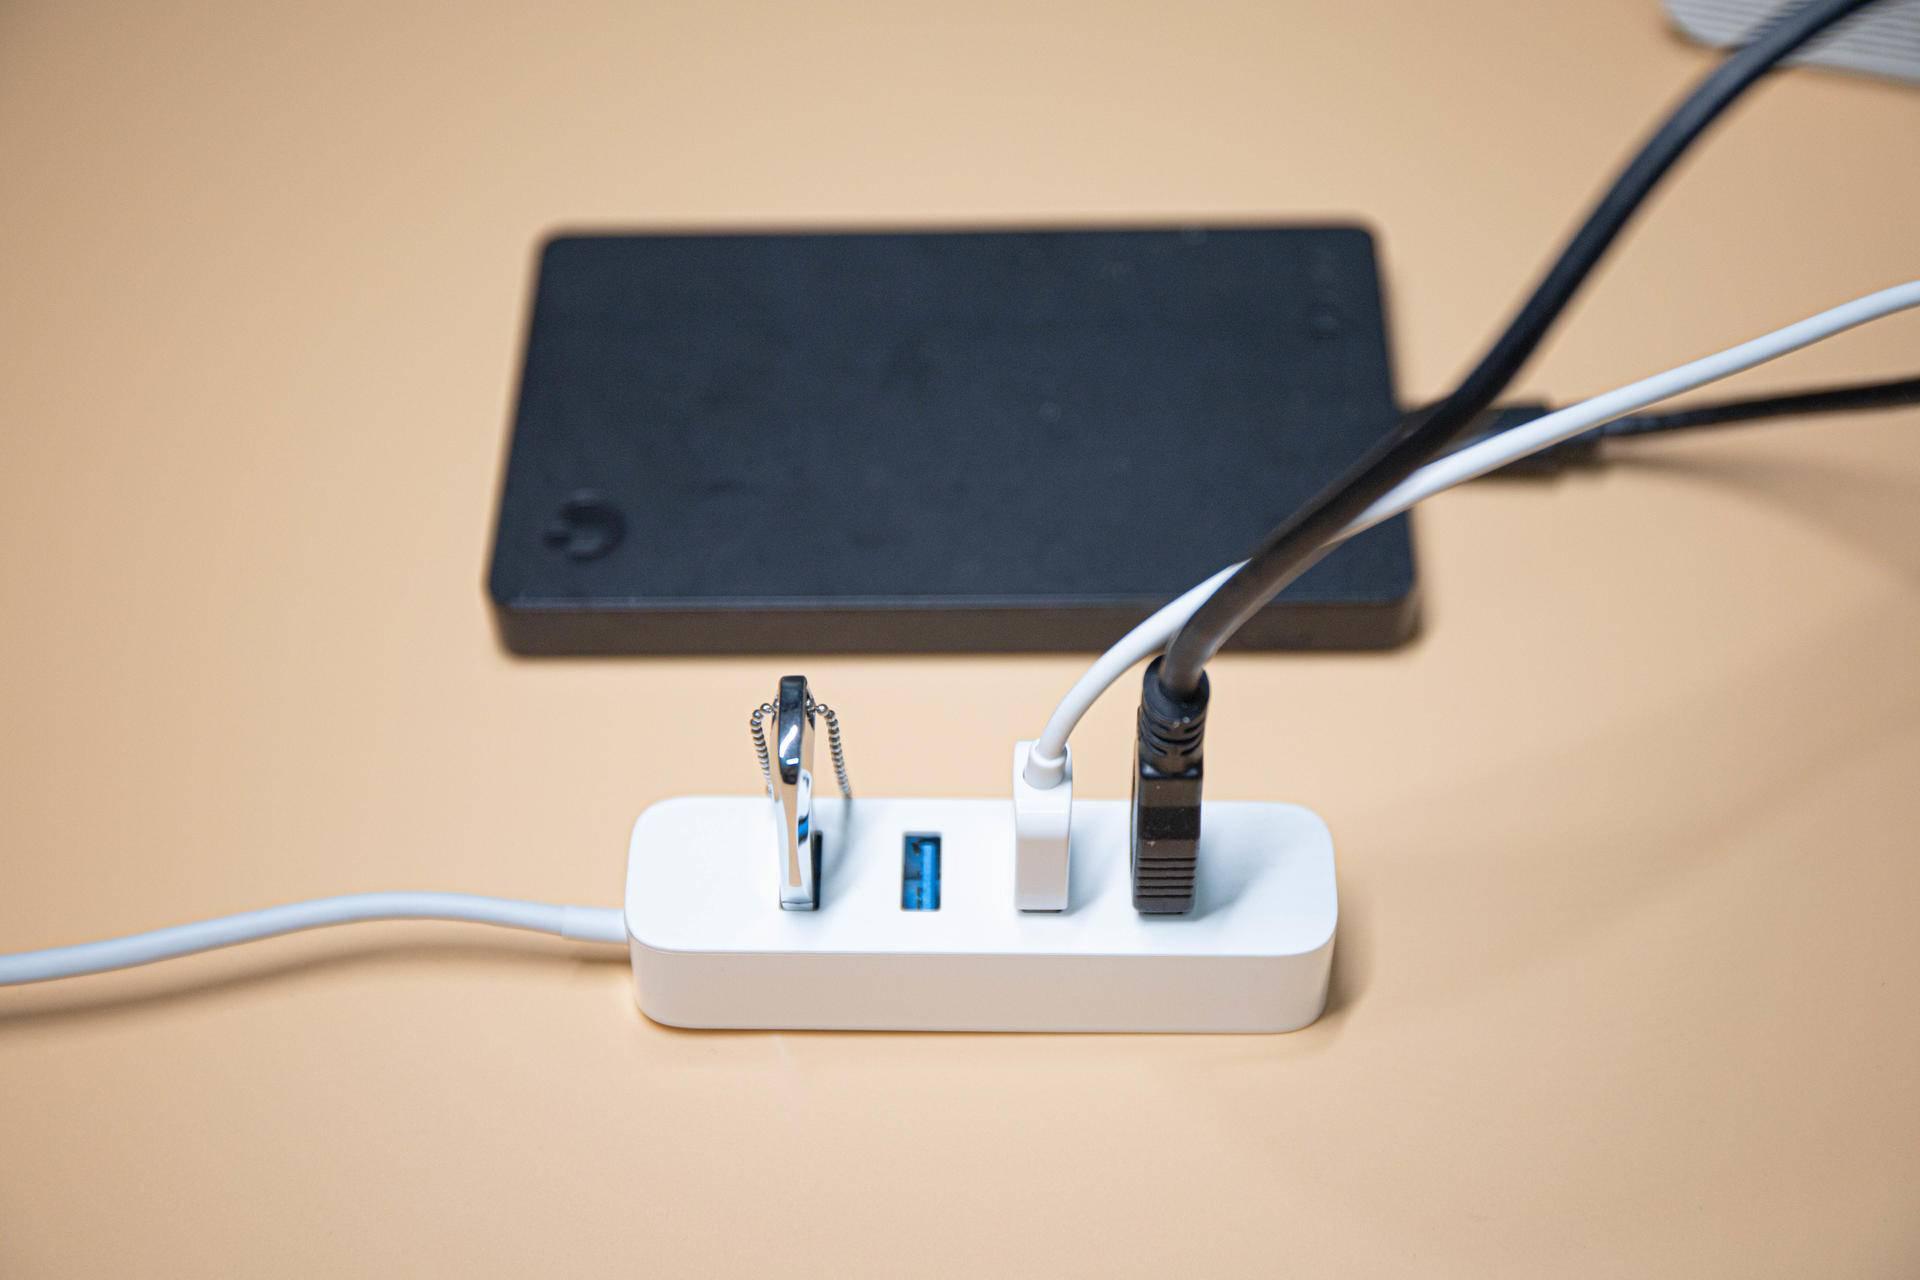 小米有品出品Redmi笔记本标配小米四口USB分线器